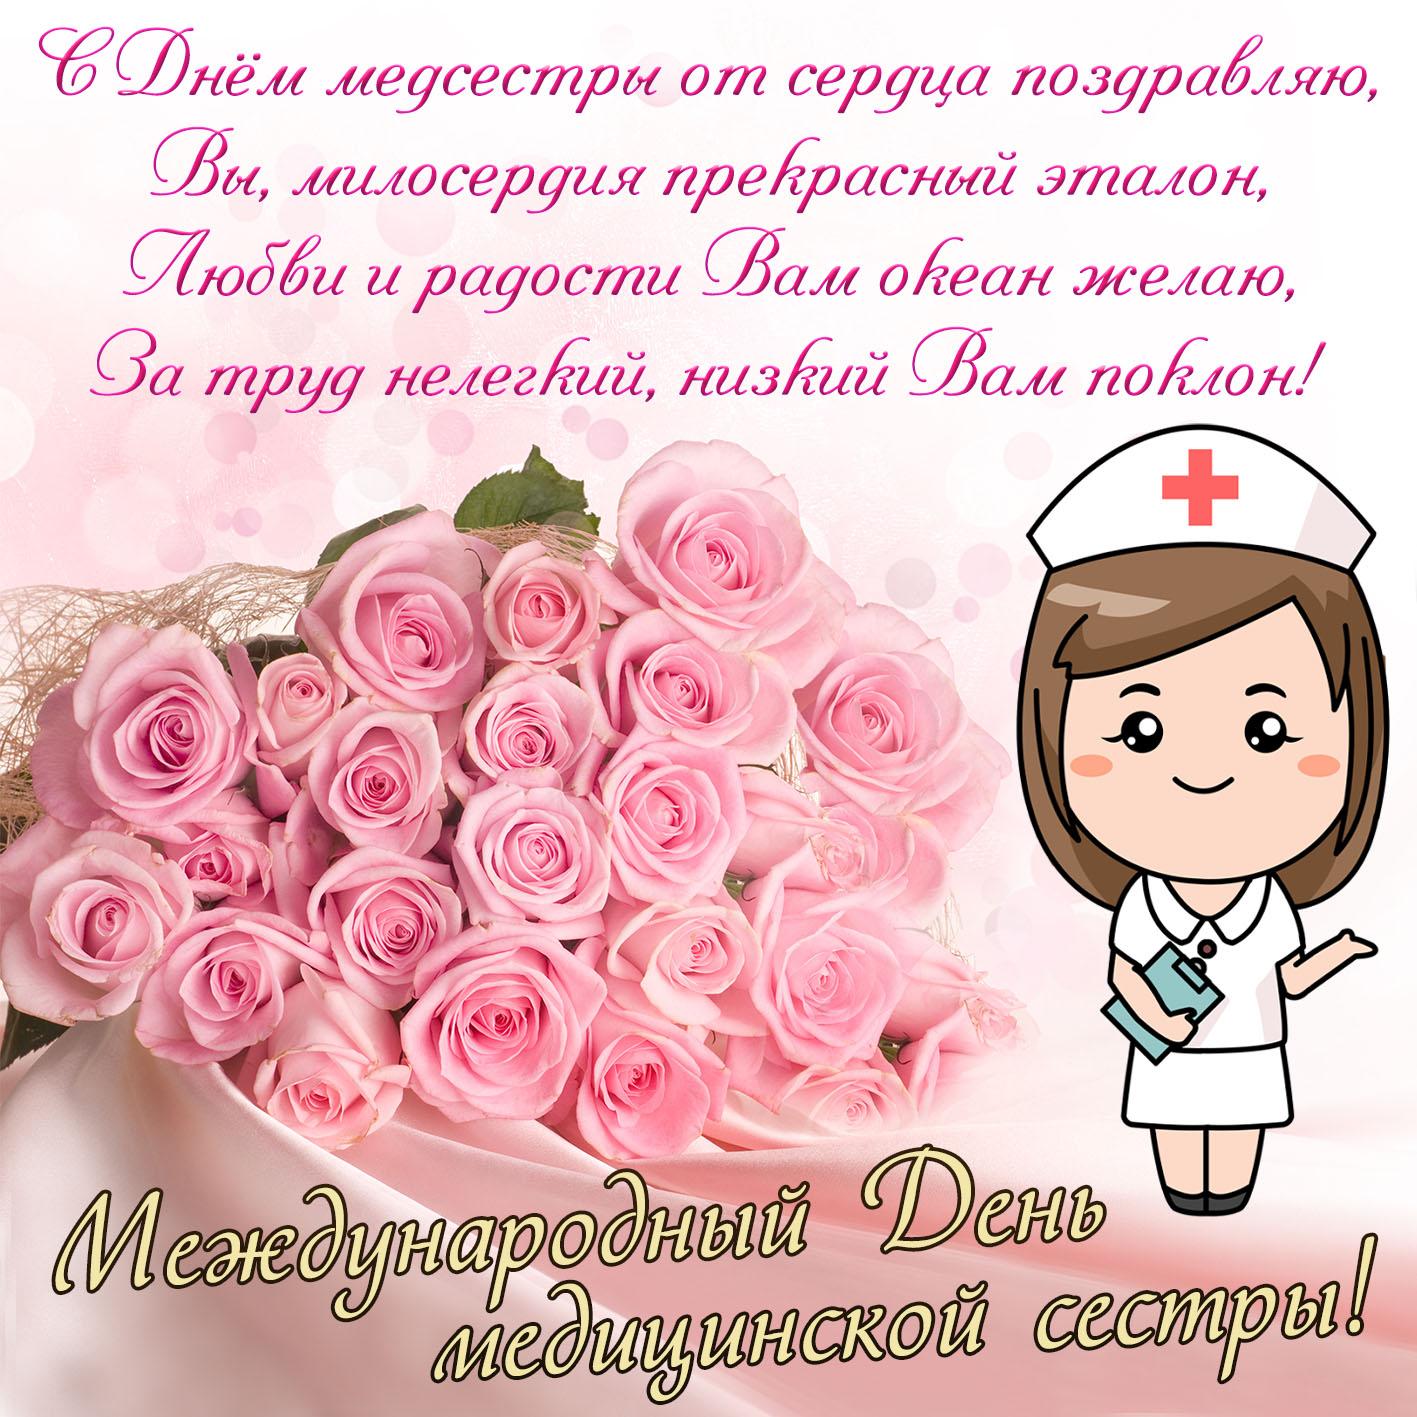 Медицинская сестра открытка, оренбурга